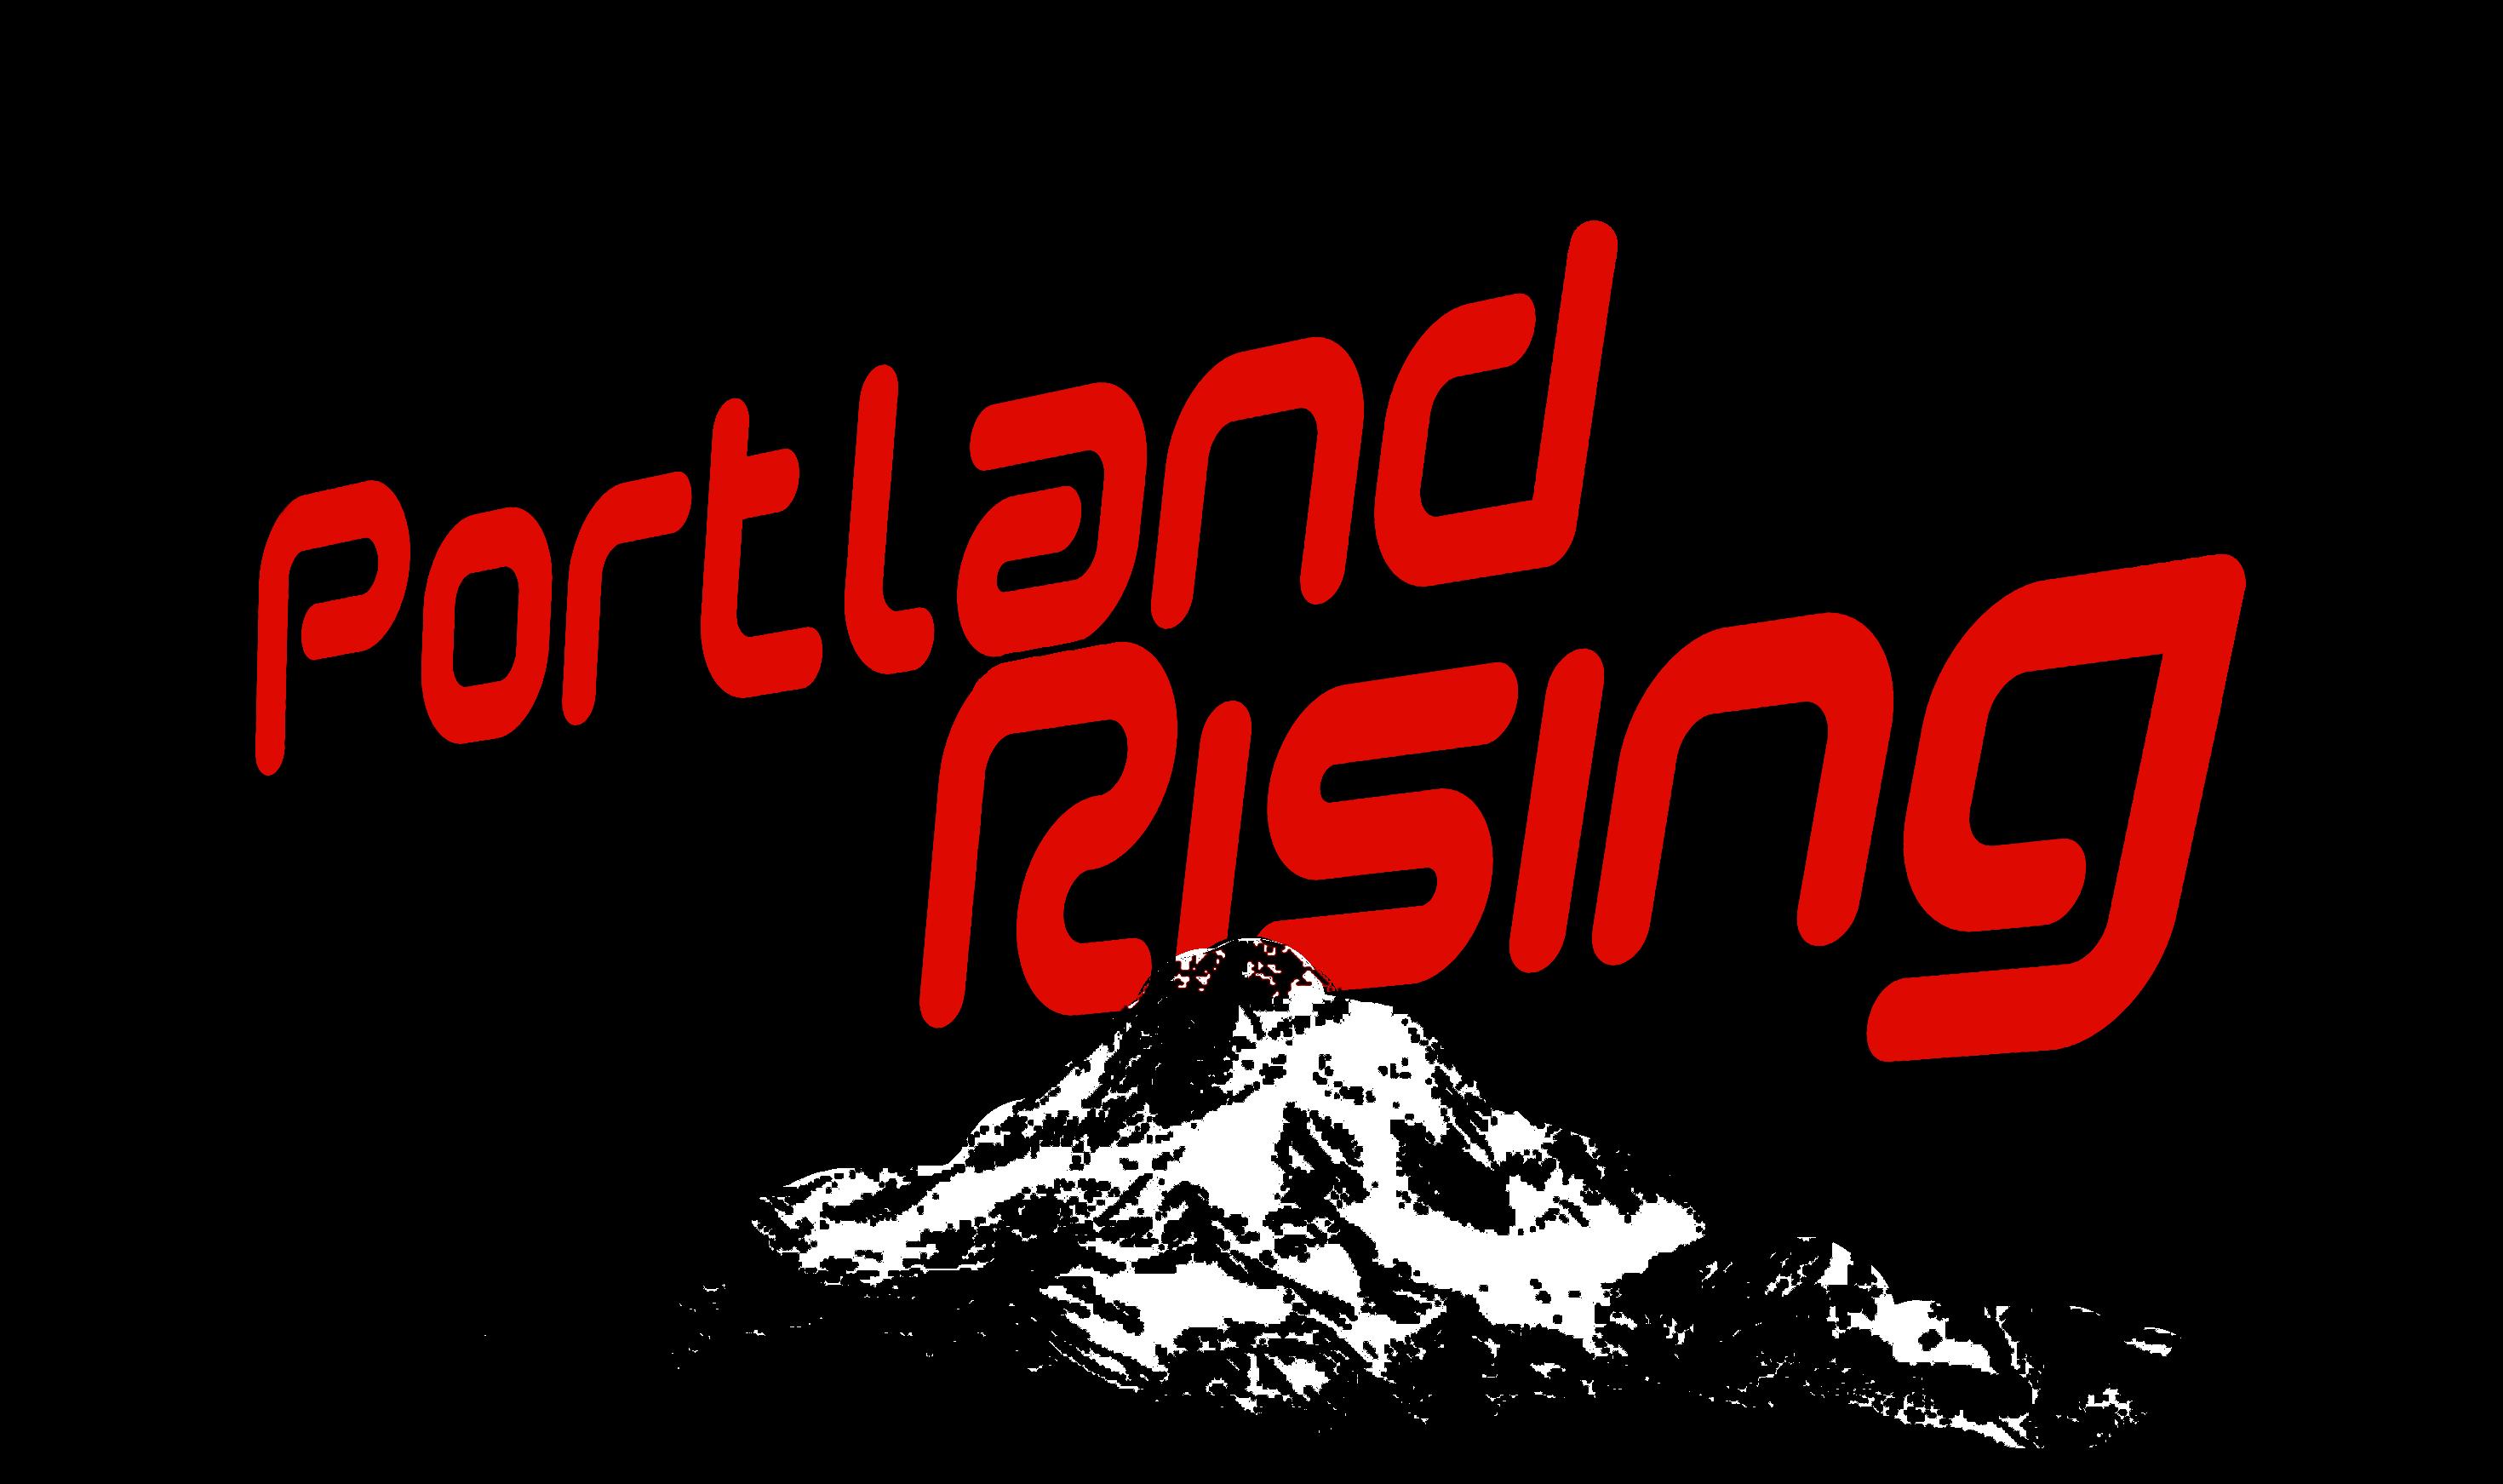 pdx-rising-logo